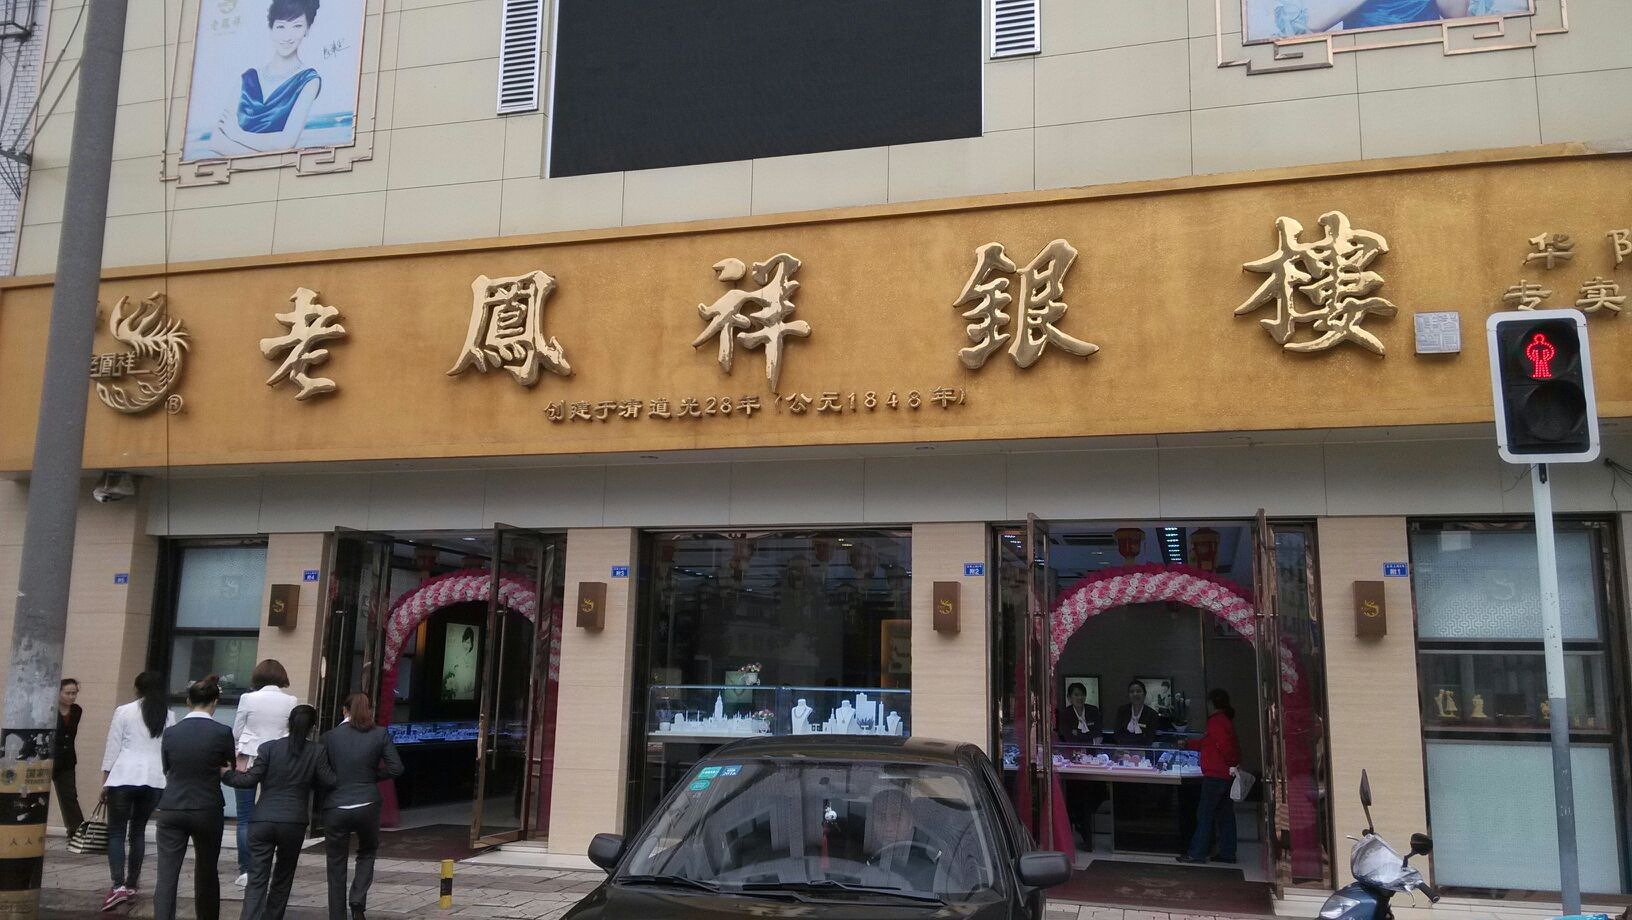 老凤祥成都华阳金店